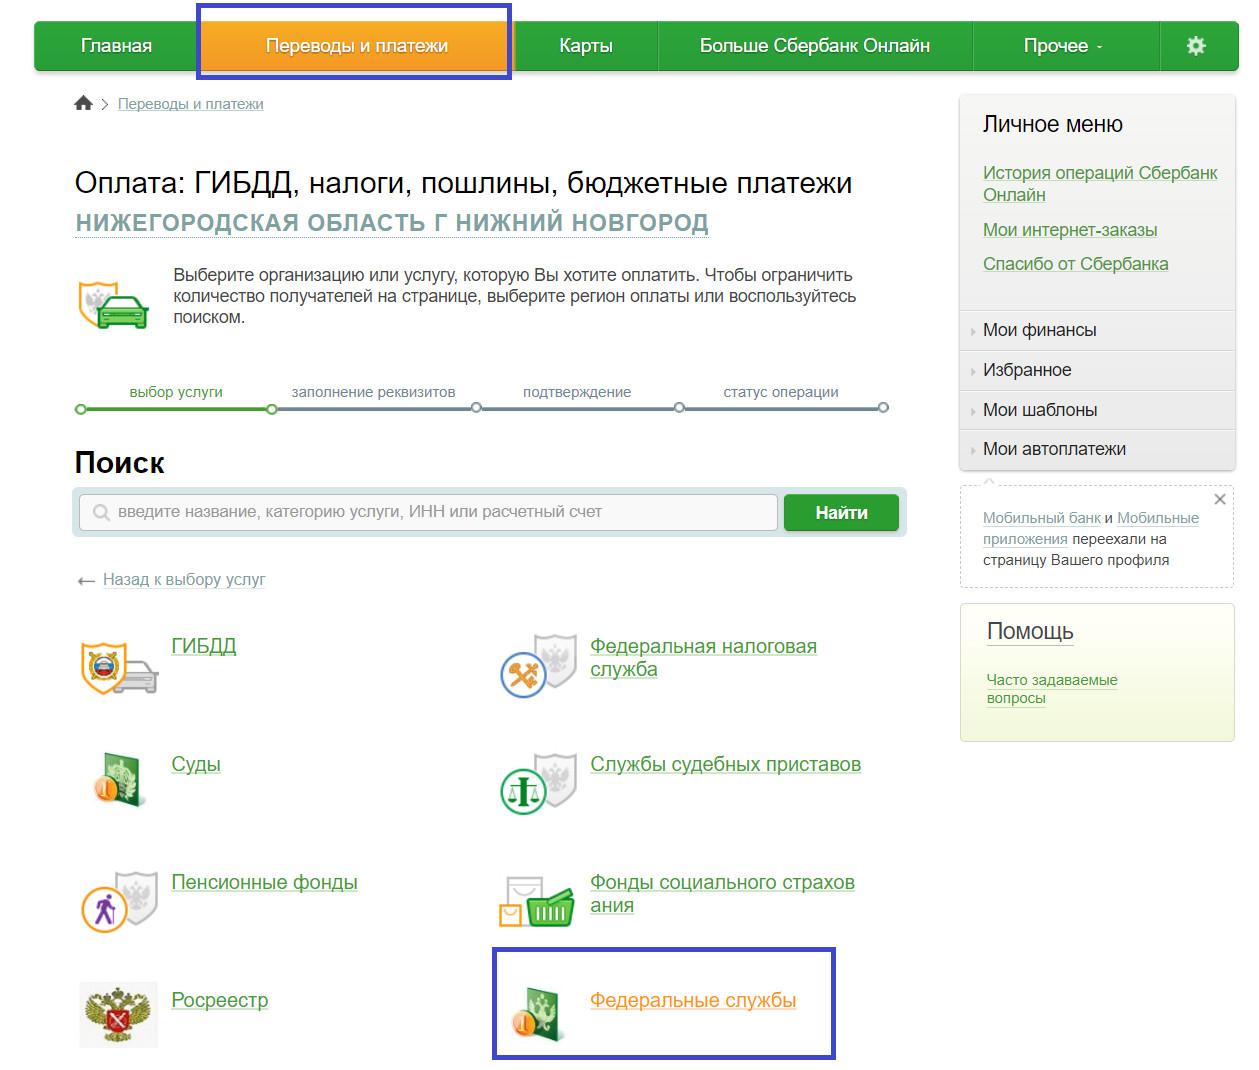 Инструкция в работе со сбербанк онлайн возможно заработать на биткоинах